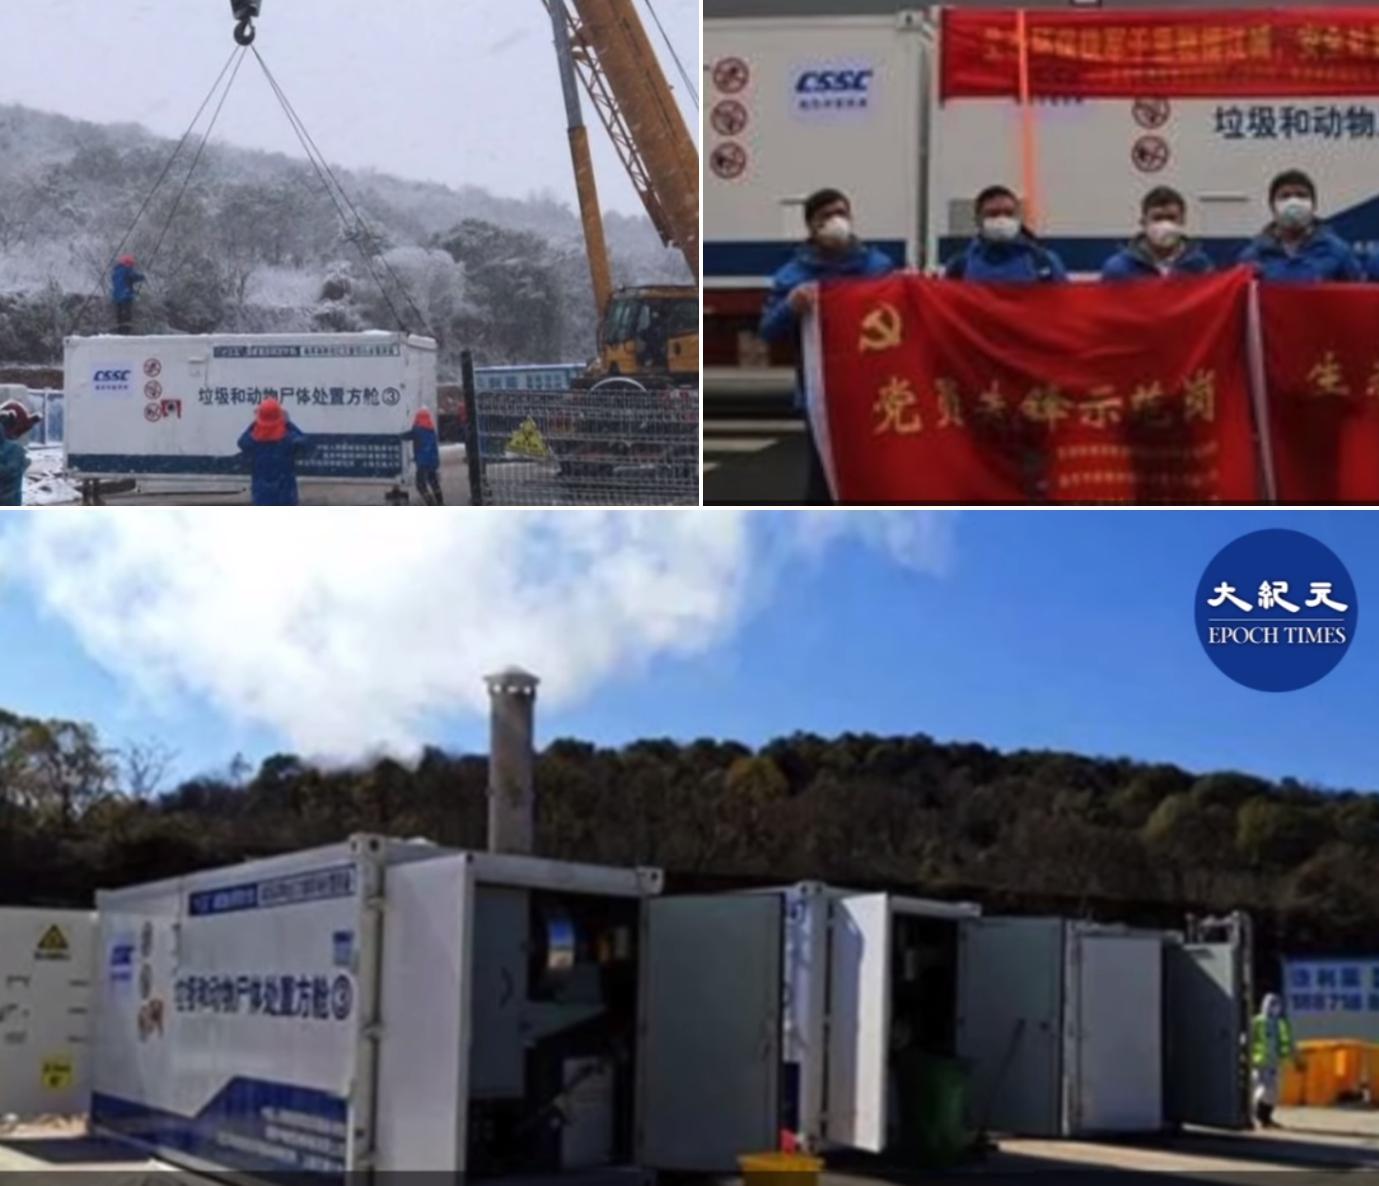 Leichensack oder Tierkadaver? - Mobile Verbrennungsanlagen sollen die Krematorien der Stadt Wuhan entlasten.